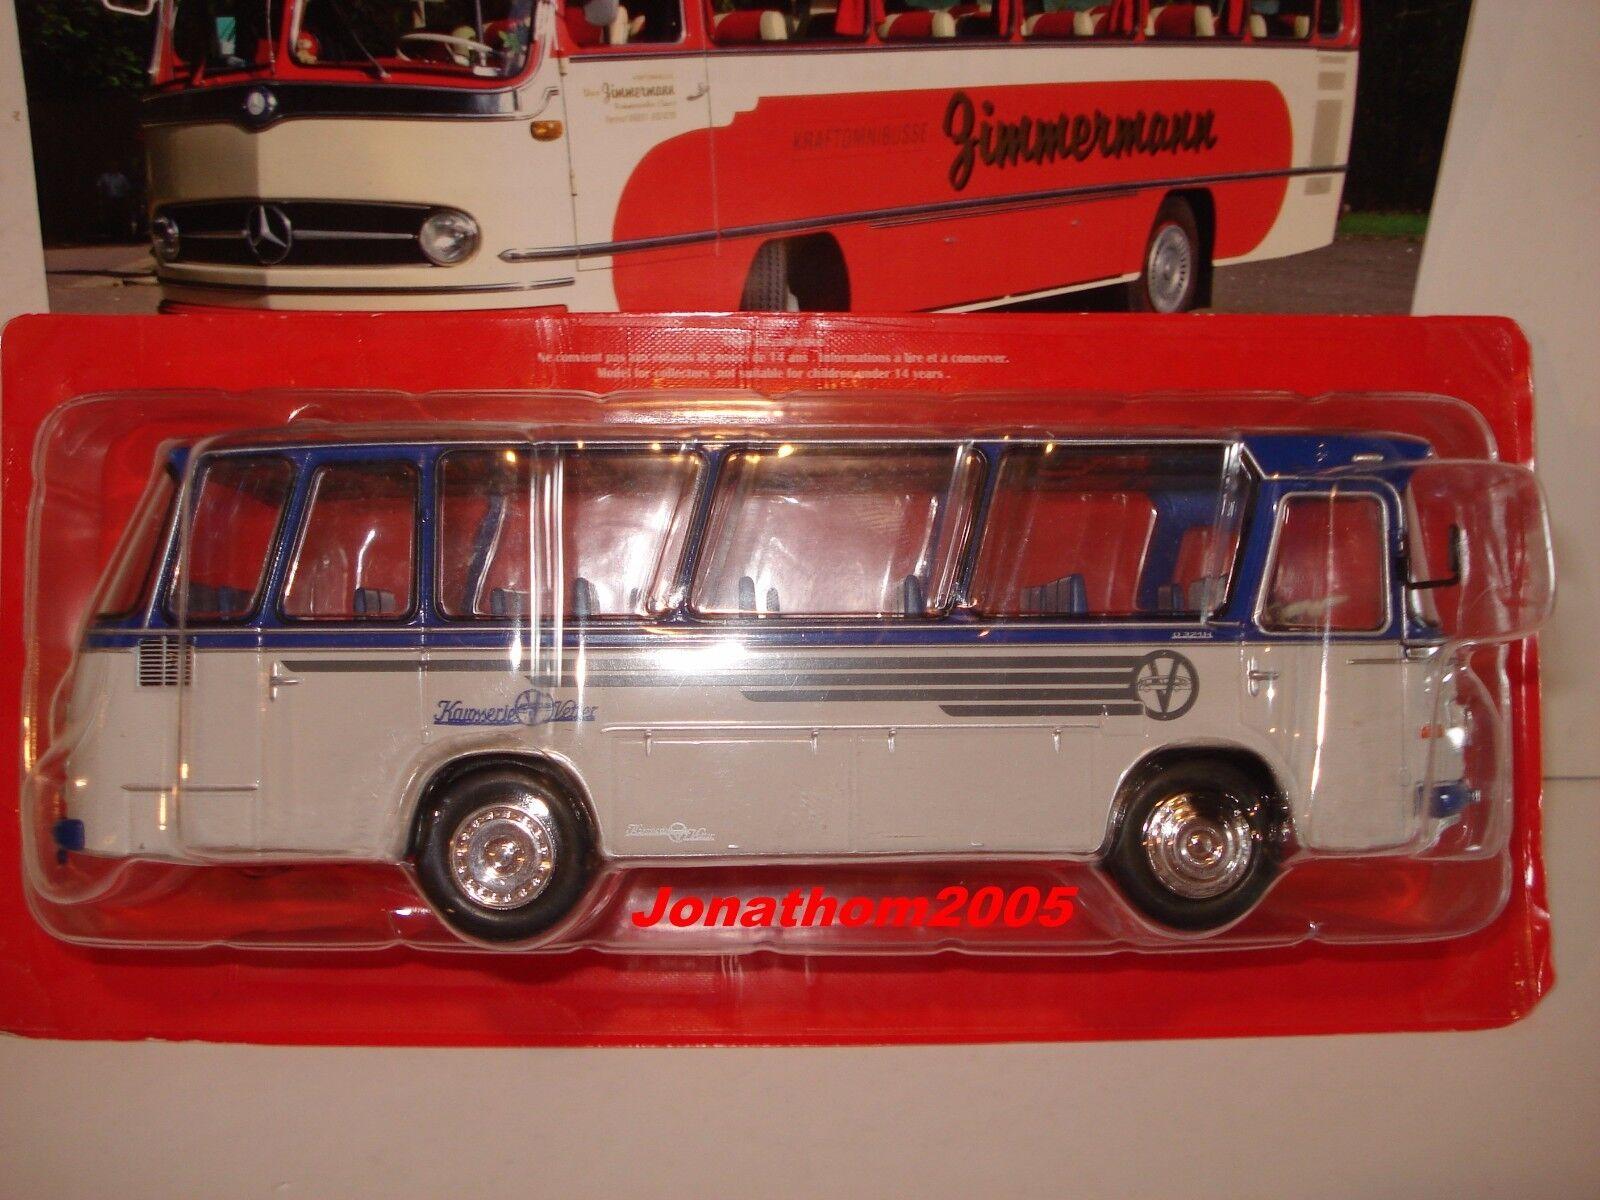 AUTOBUS & AUTOCARS DU MONDE - - - MERCEDES BENZ 0 321HL VERSION 1962 ALLEMAGNE 1 43° cbf9b6